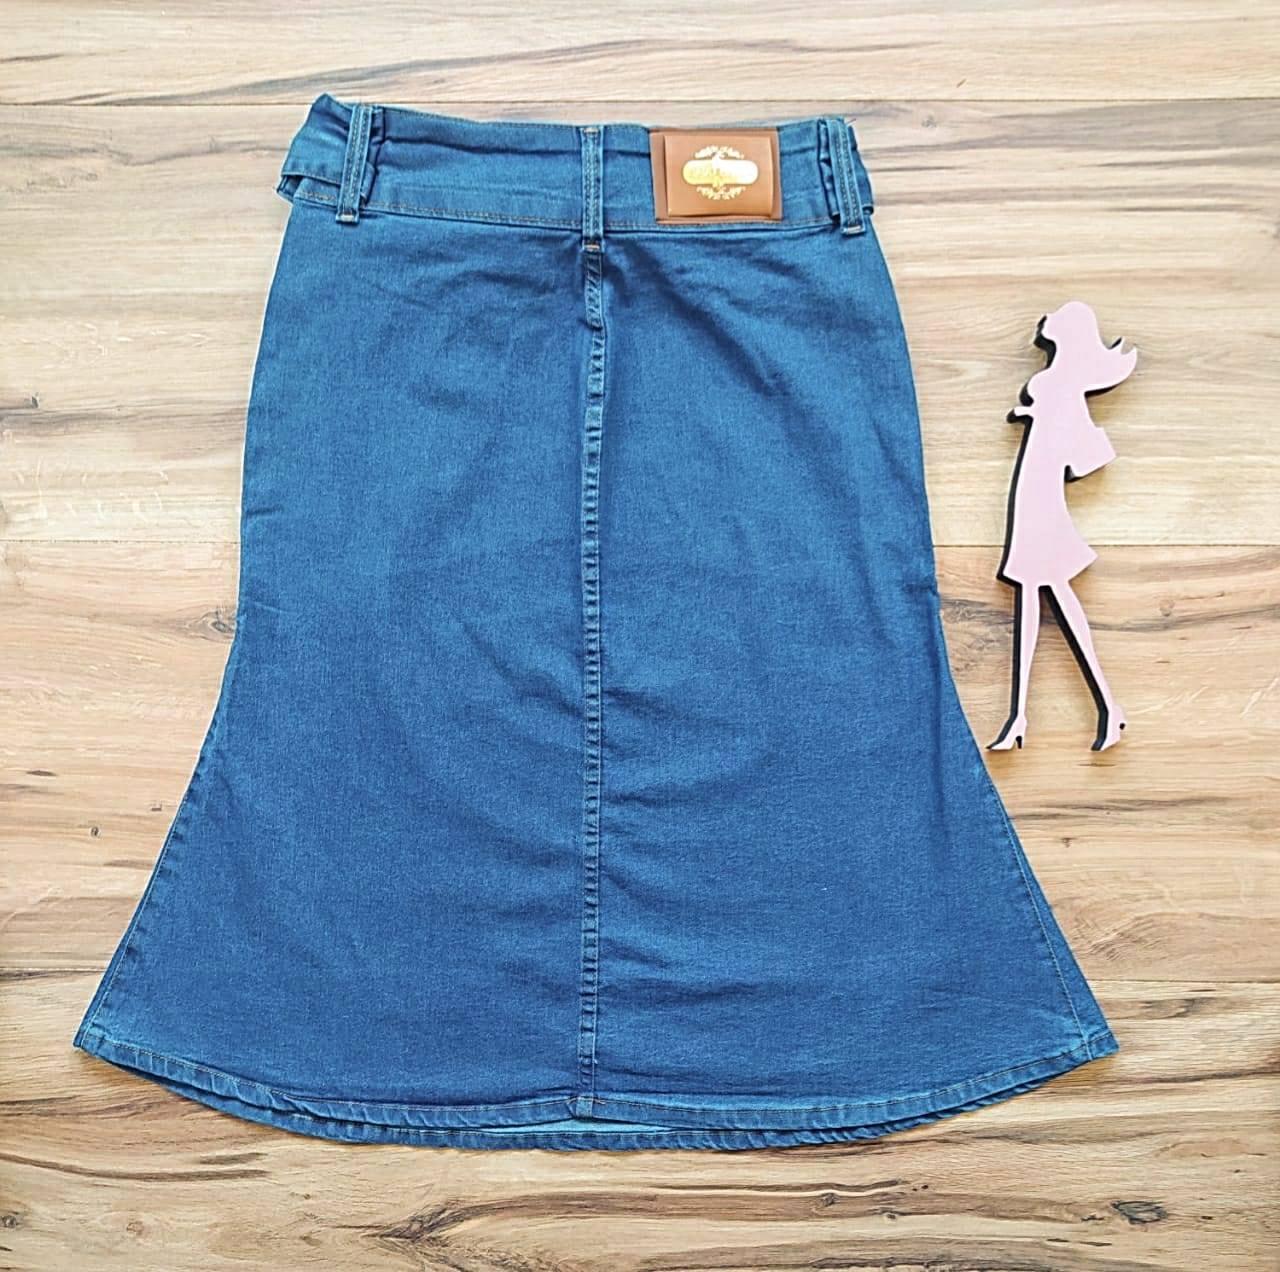 Saia Jeans Samantha SB1723 Azul Claro